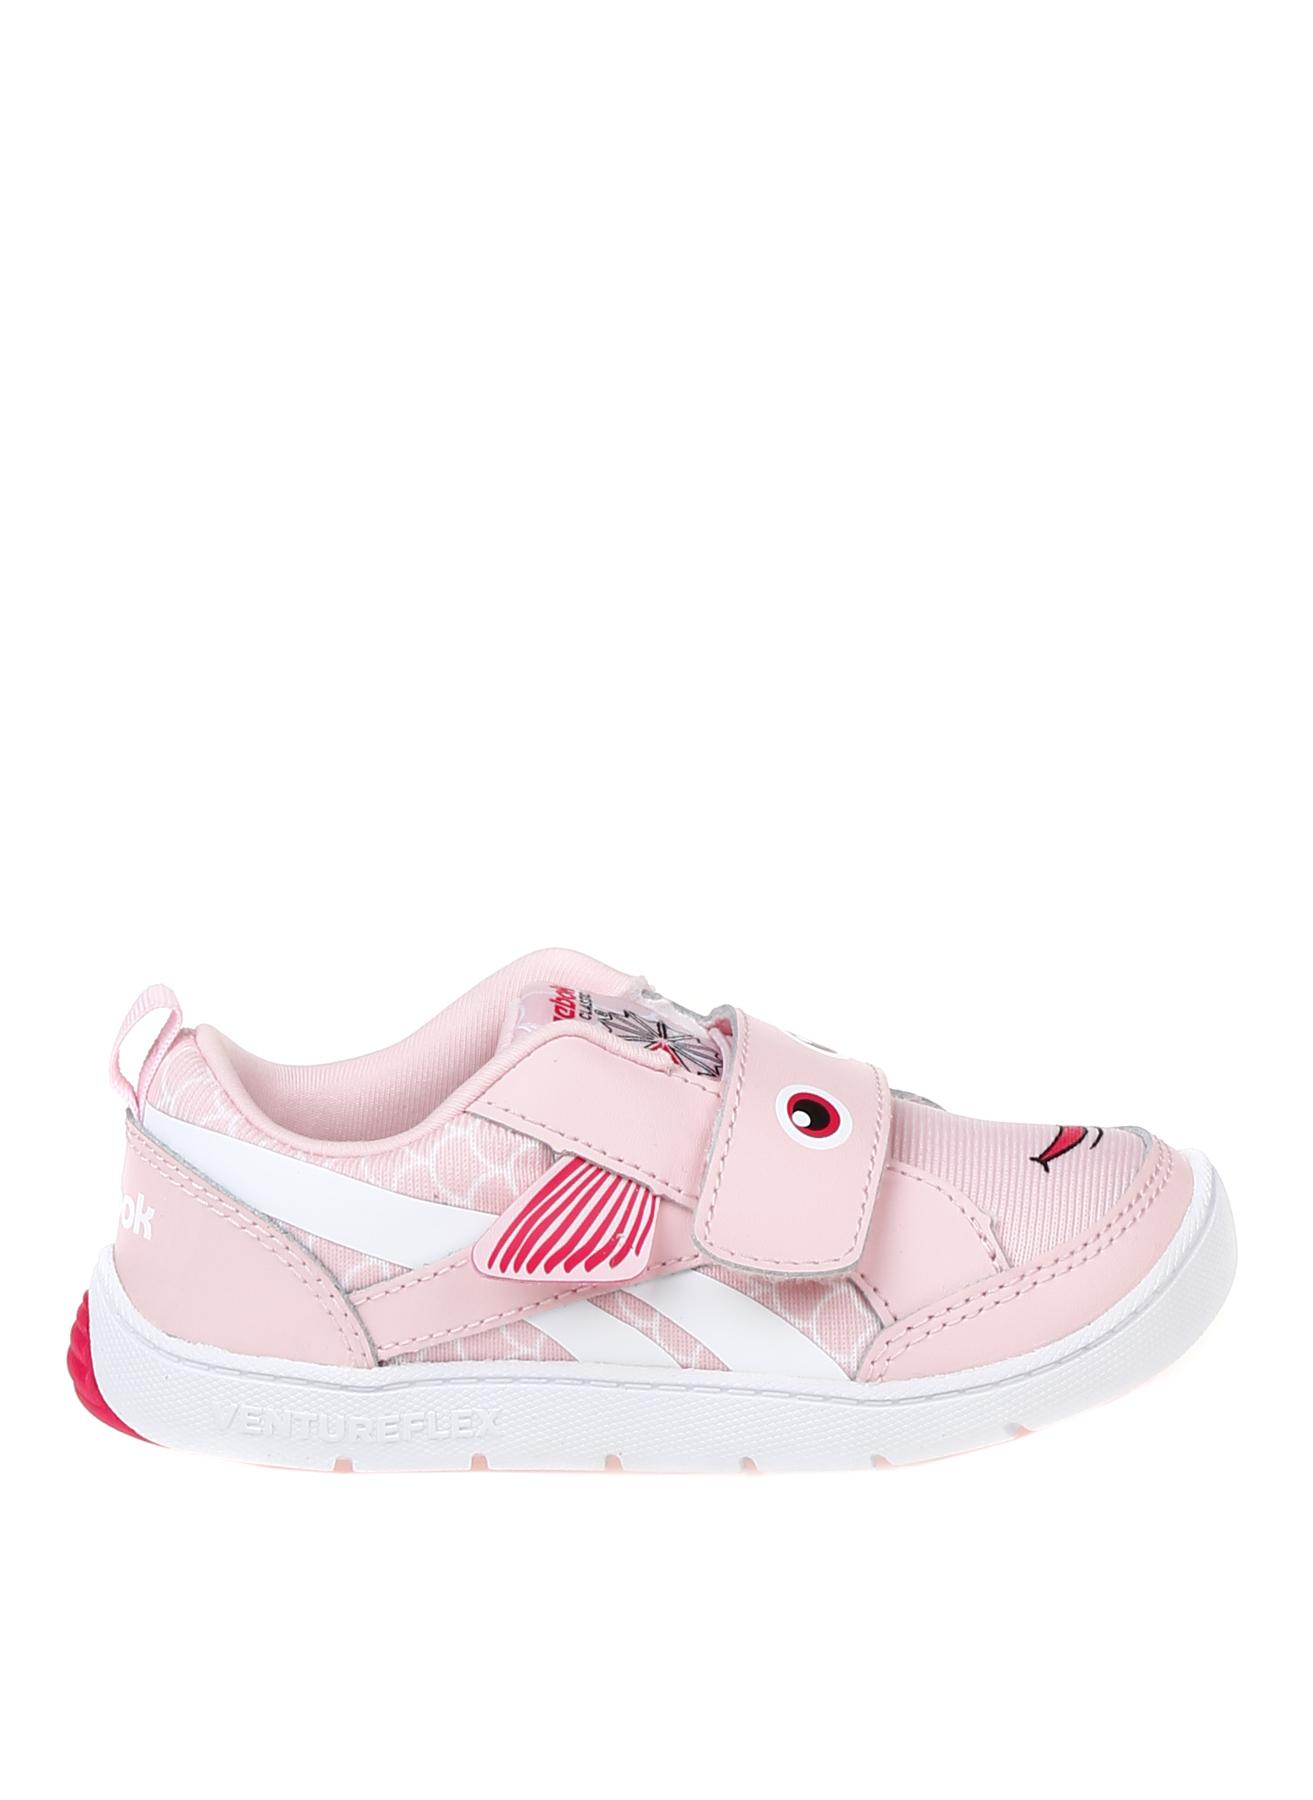 Reebok Yürüyüş Ayakkabısı 21.5 5001700737002 Ürün Resmi